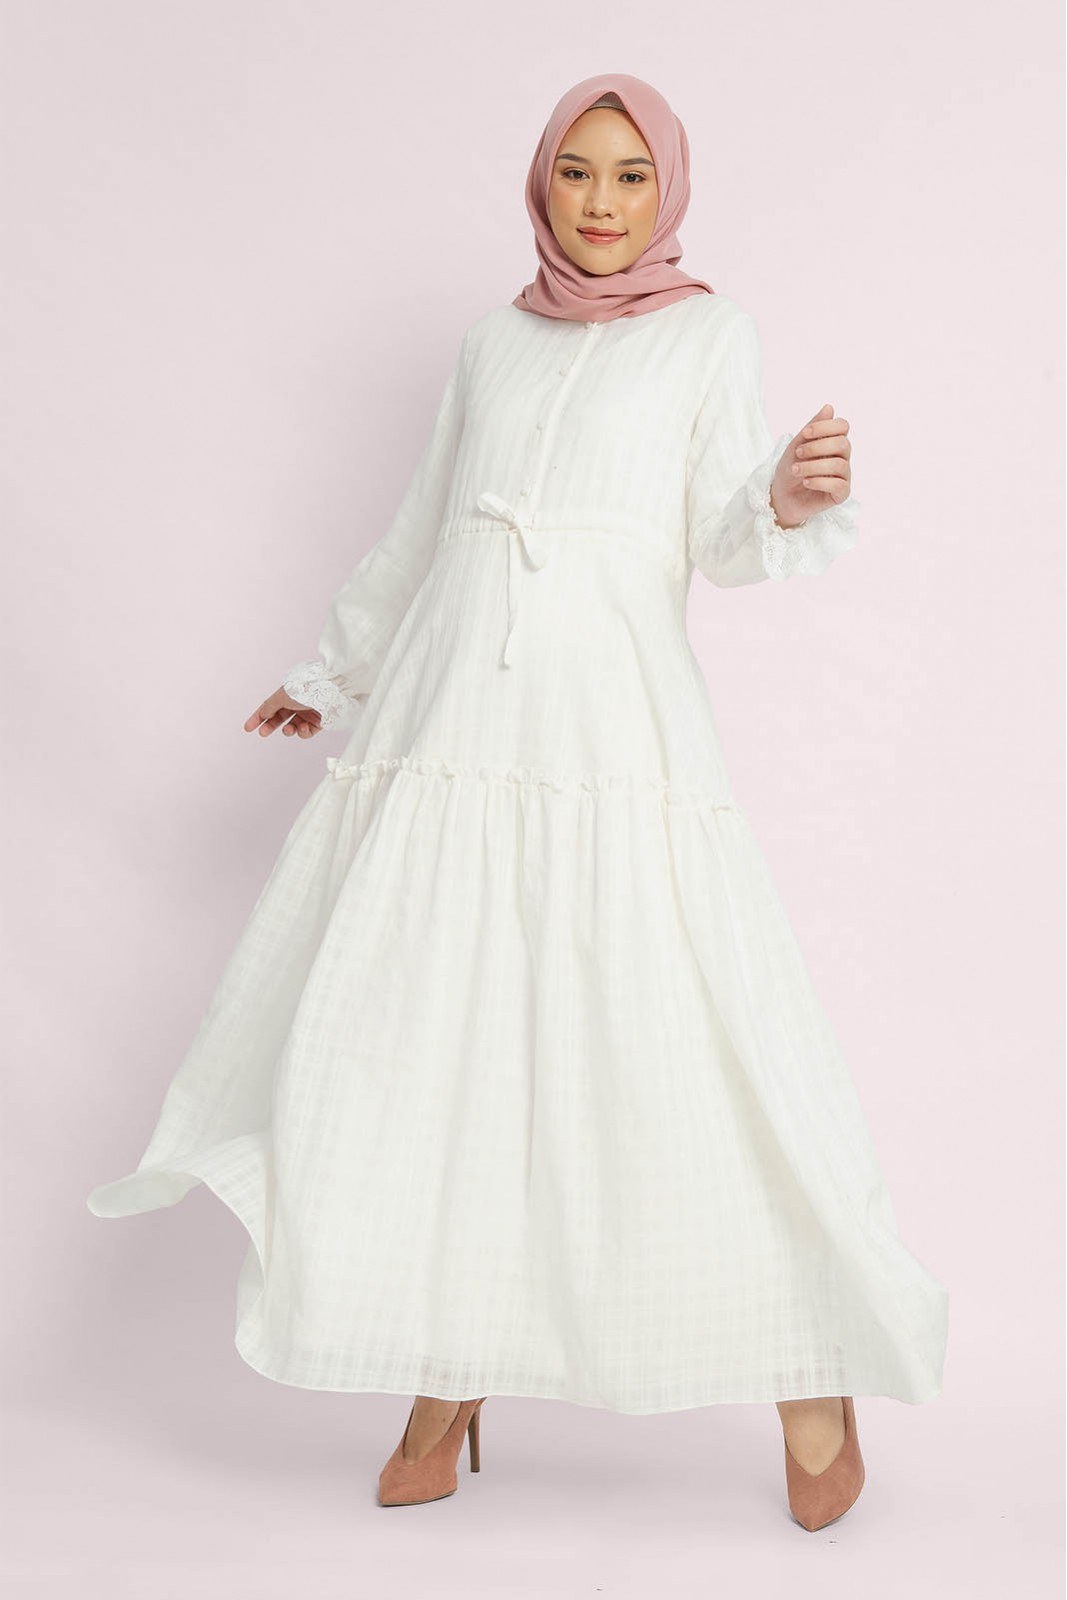 Gamis Katun Putih dengan Motif Sederhana